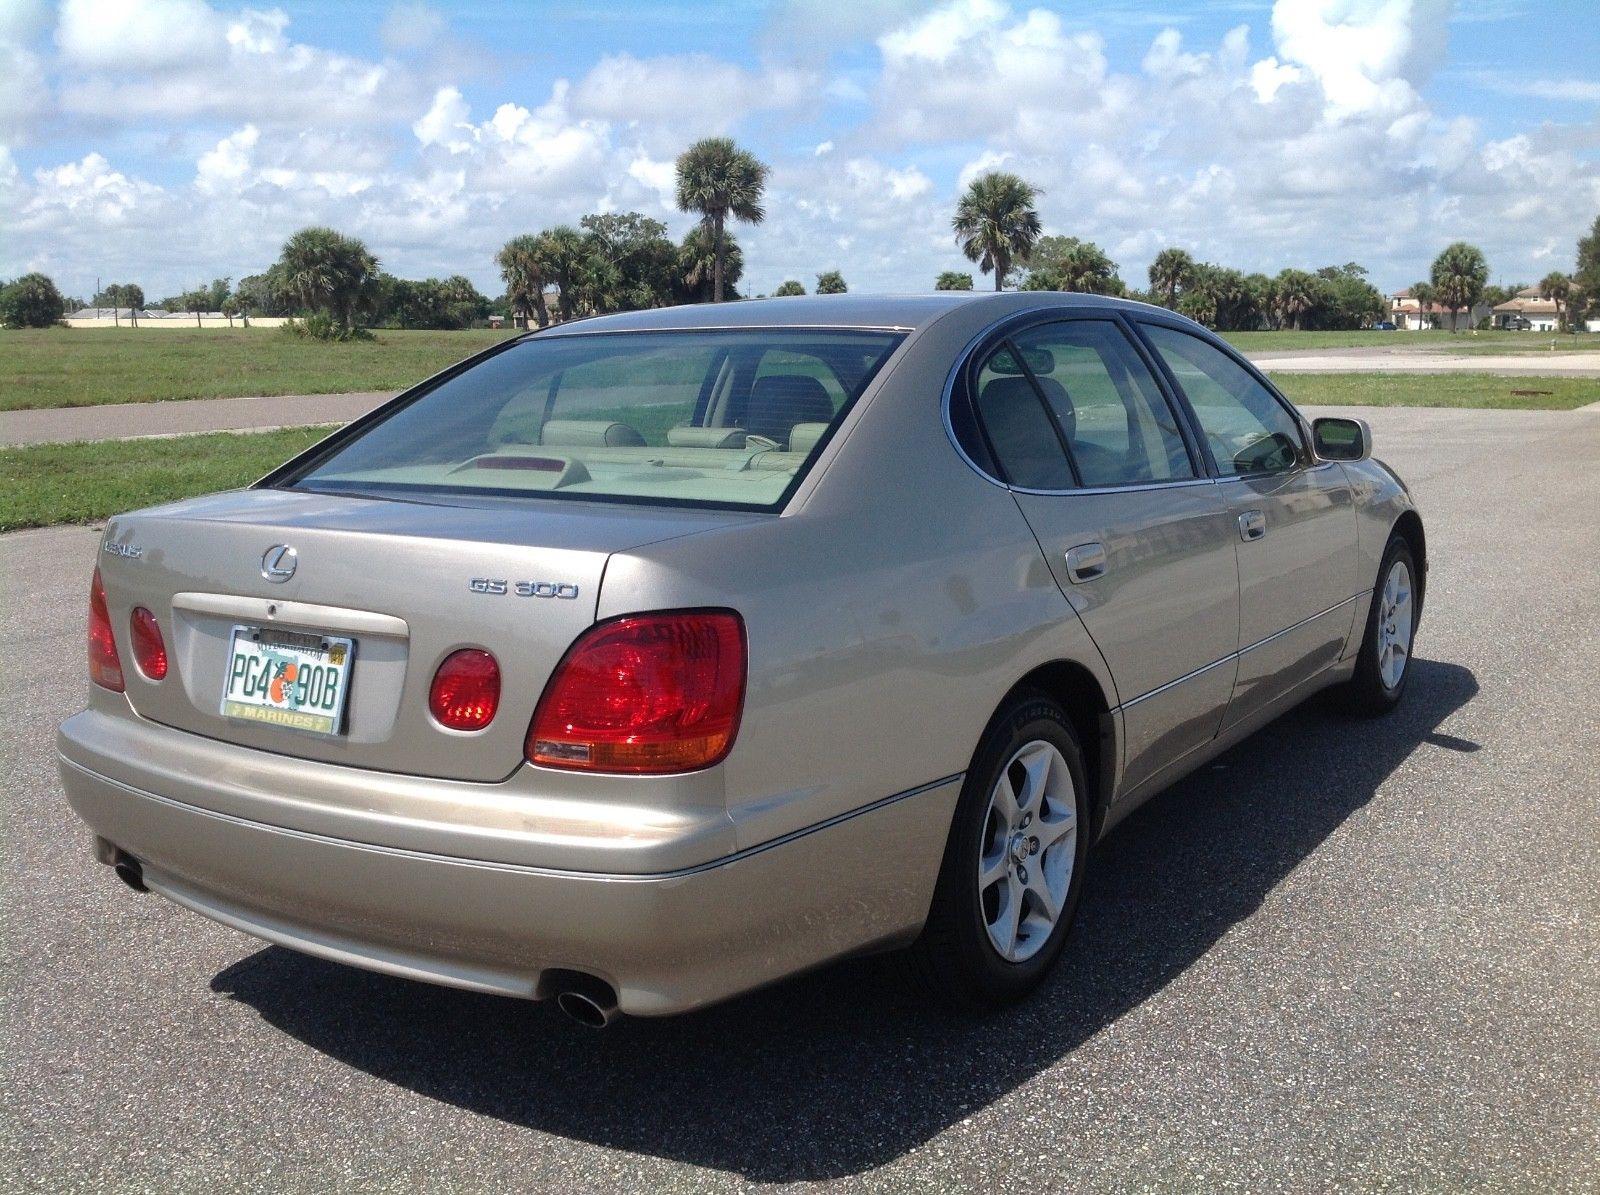 Honda Accord Sport For Sale >> Used 2002 Lexus GS 300 2002 Lexus GS300, 100k original ...